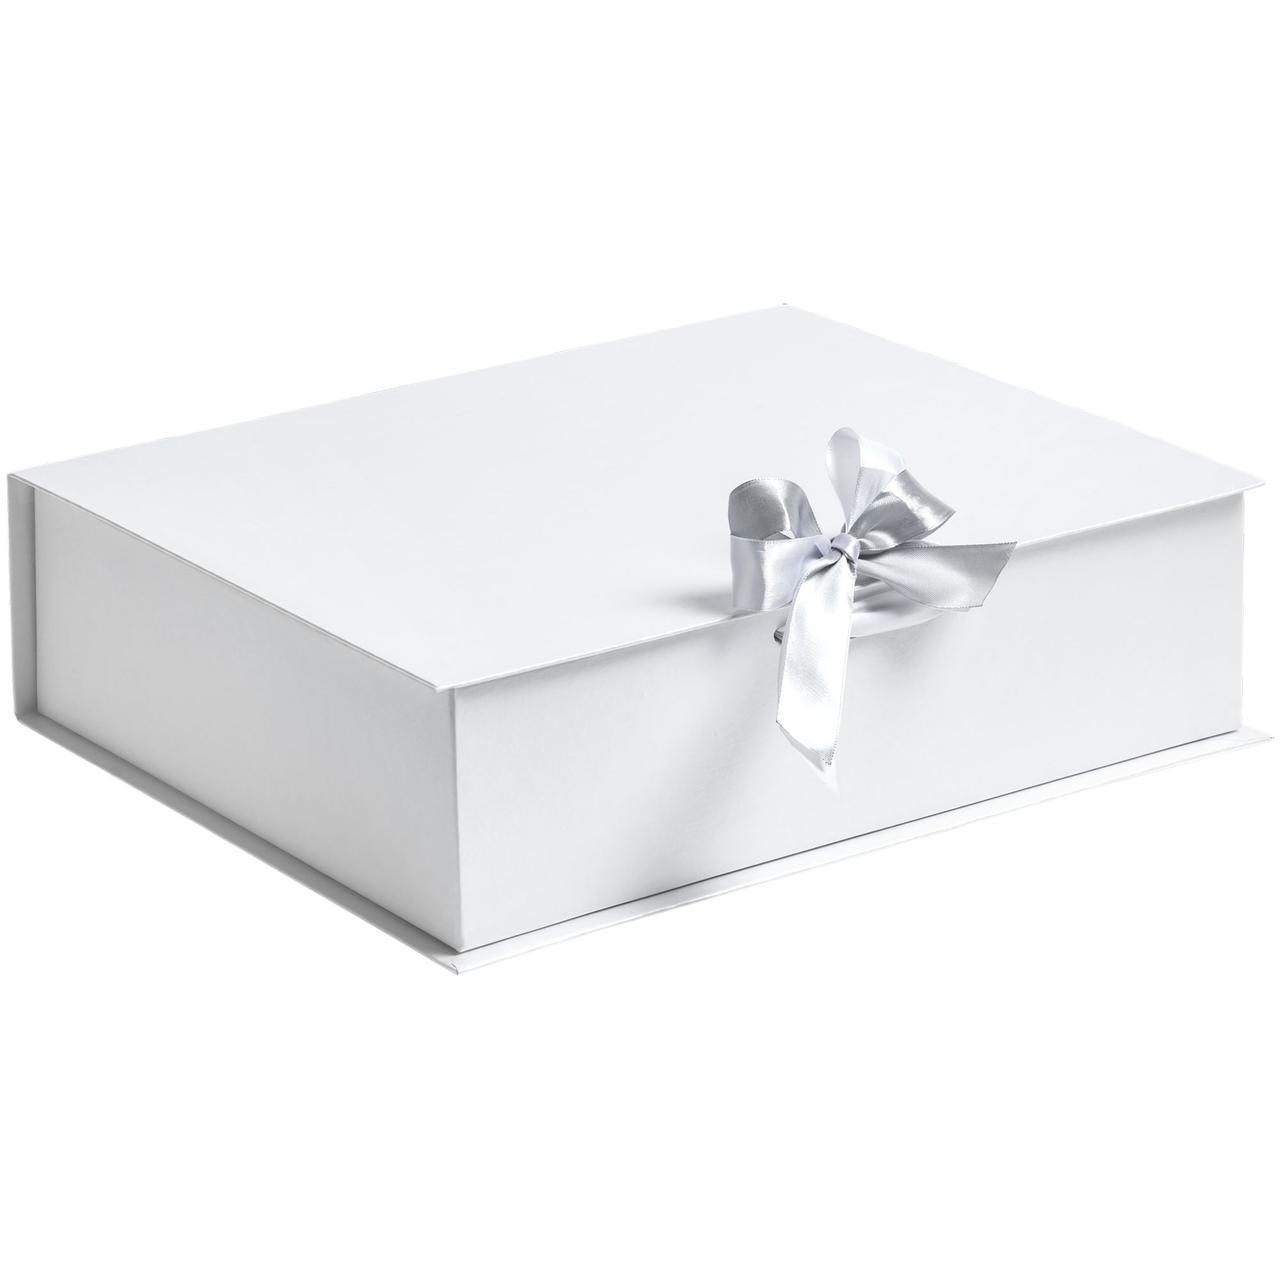 Коробка на лентах Tie Up, белая (артикул 10600.60)